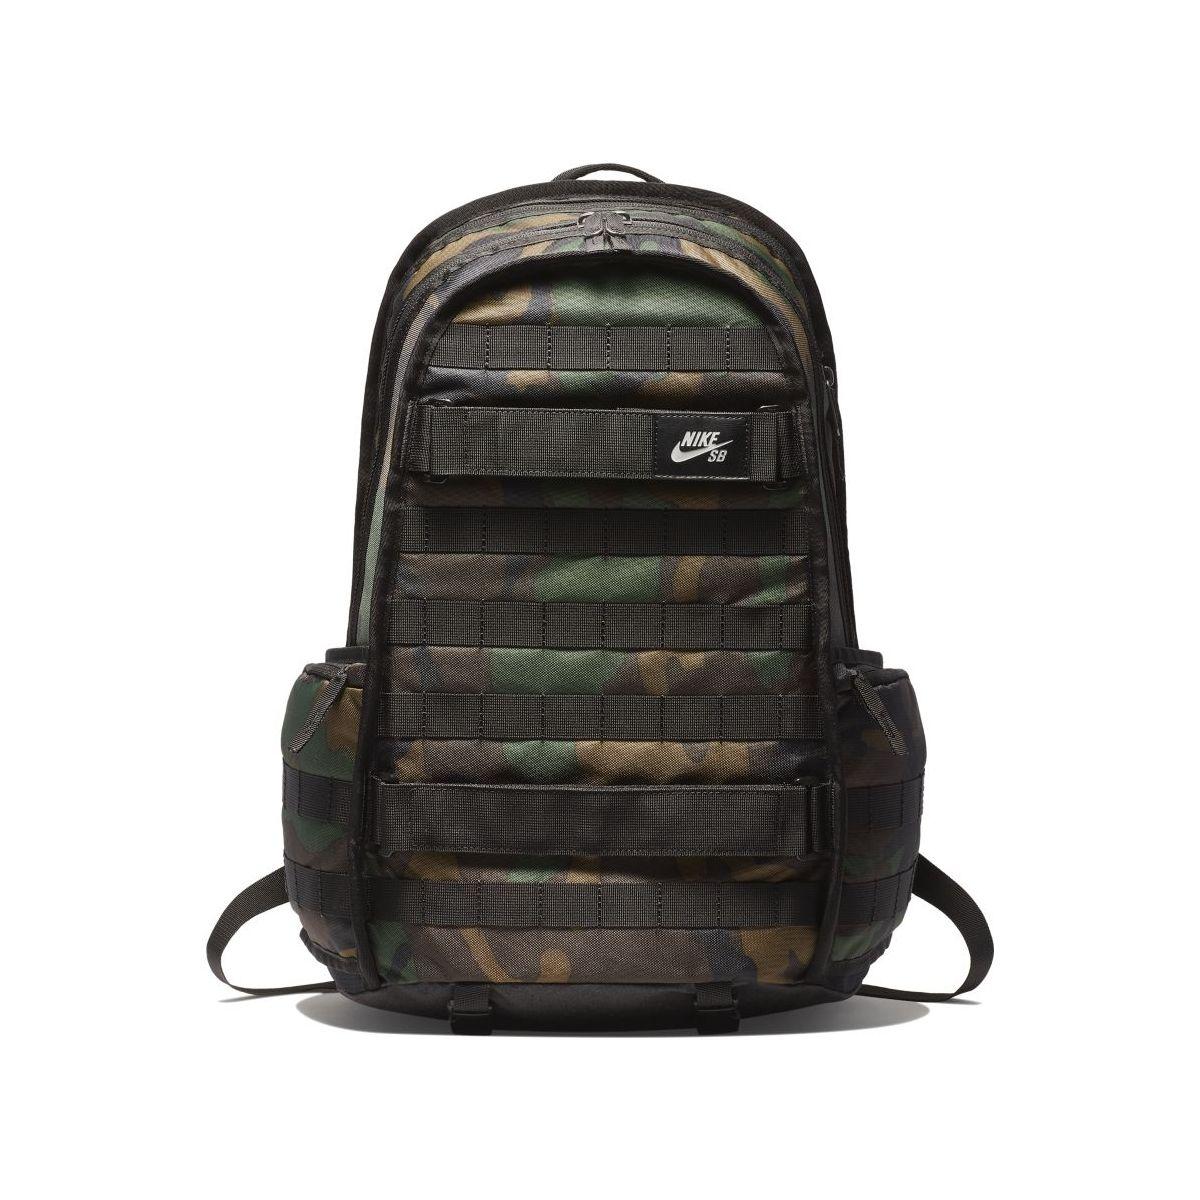 21a59fad09c2f Plecak Nike SB RPM Iguana / Black / Black : Hulajnogi wyczynowe ...